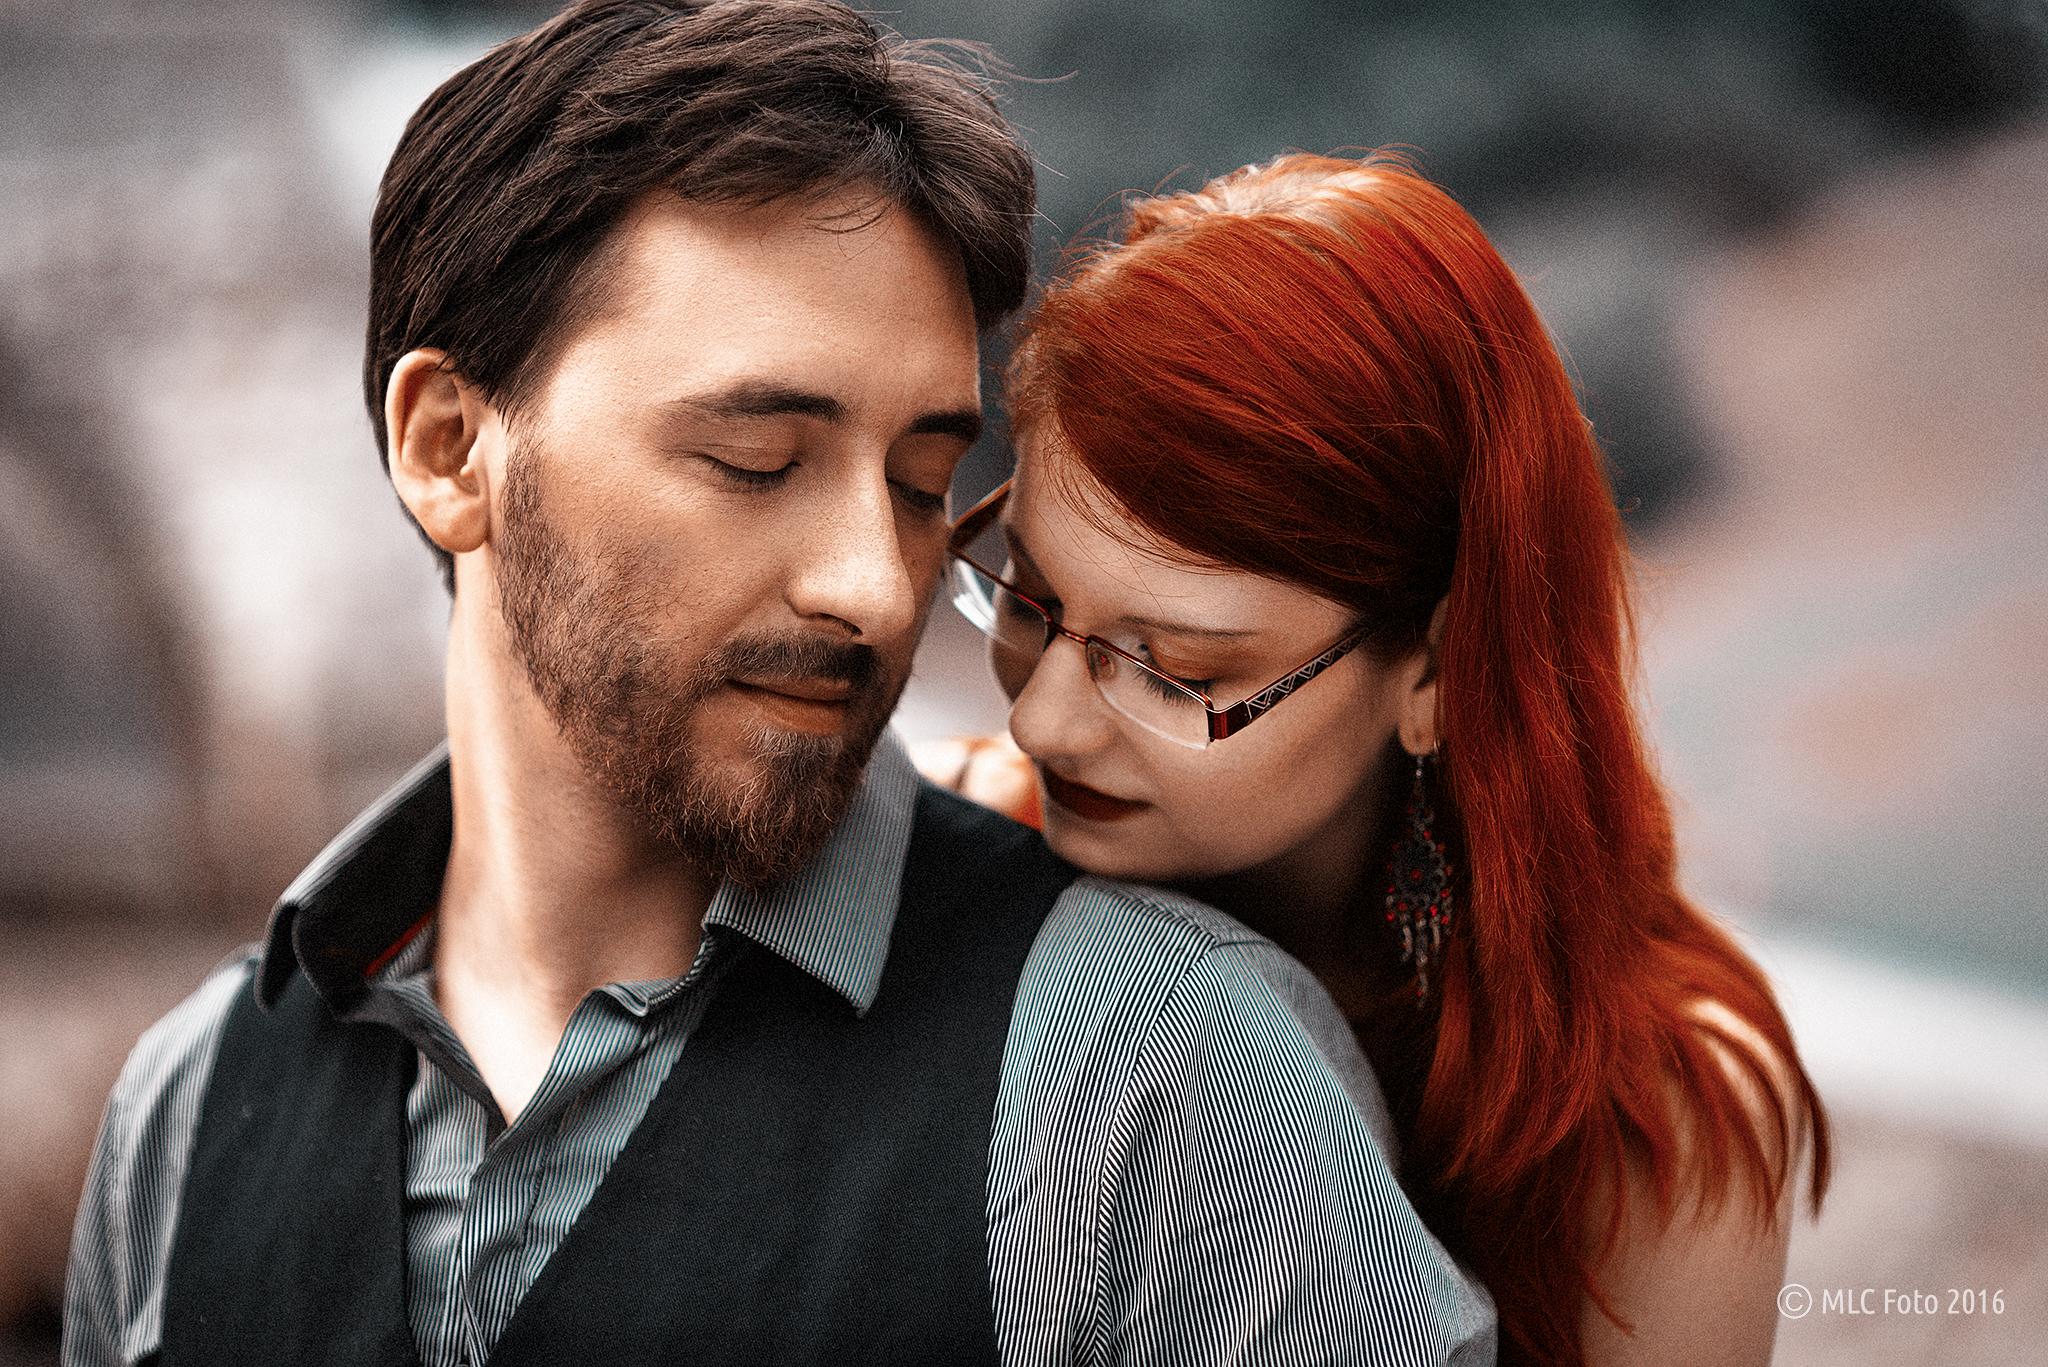 Permalink to:Patrycja i Michał – narzeczeńska